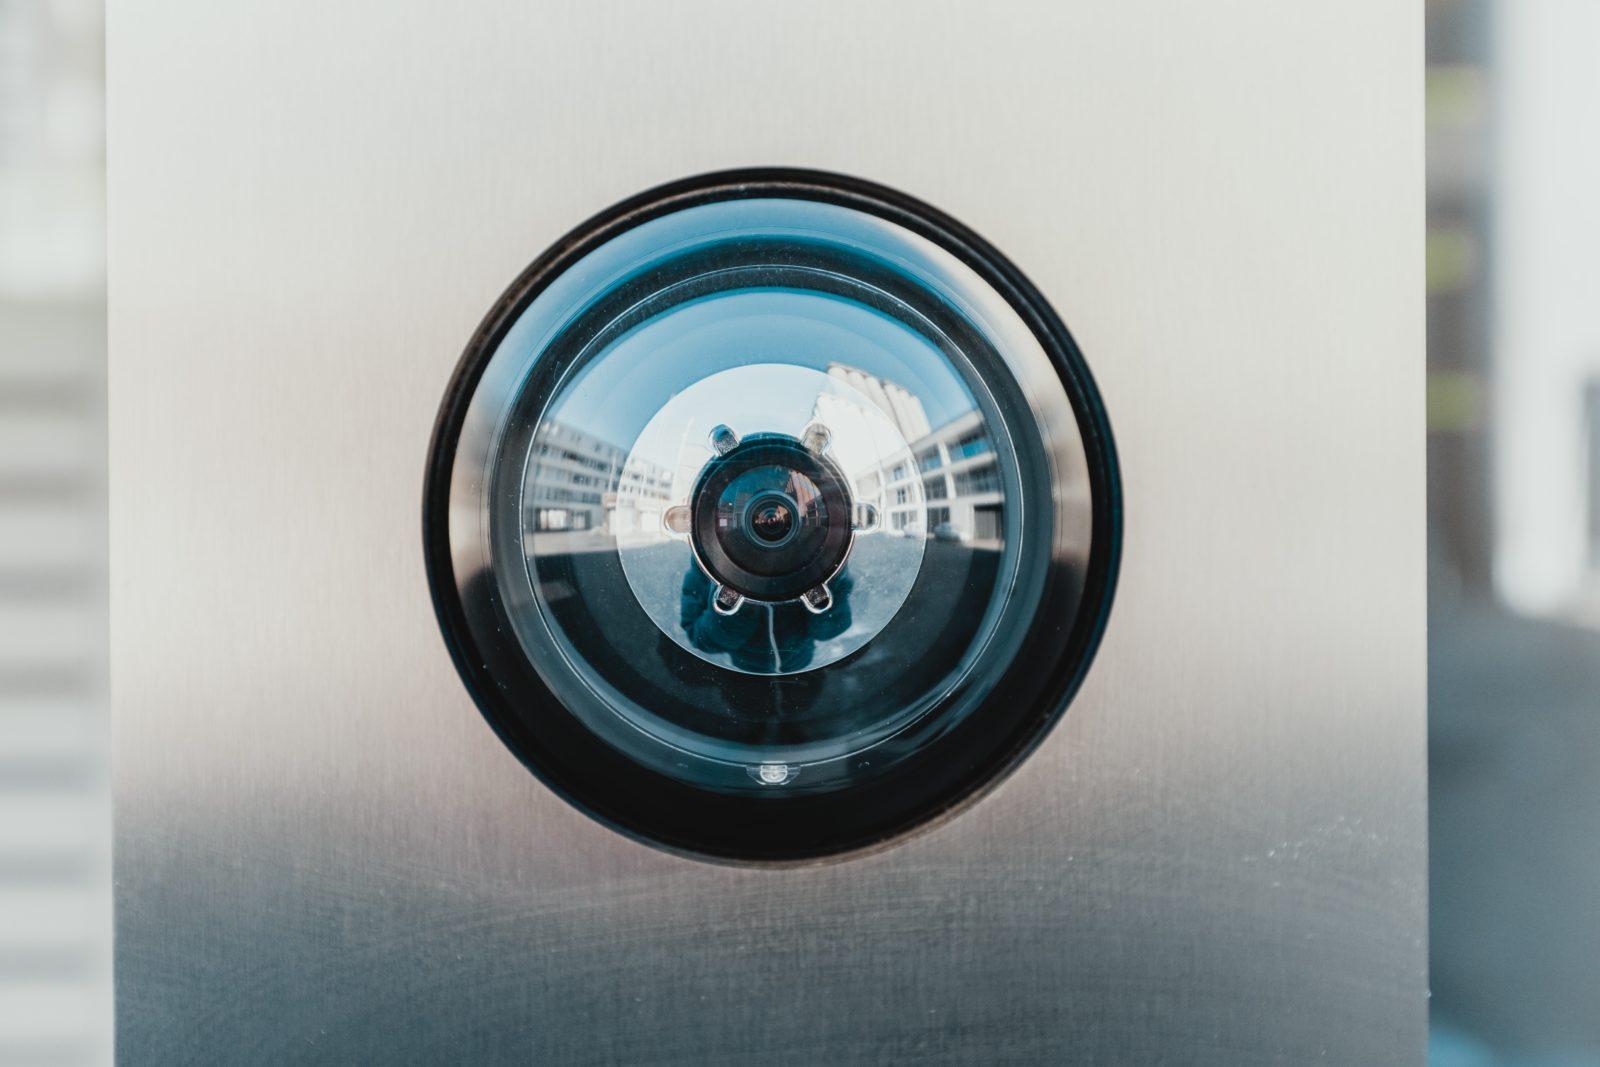 детекция движения в видеокамерах